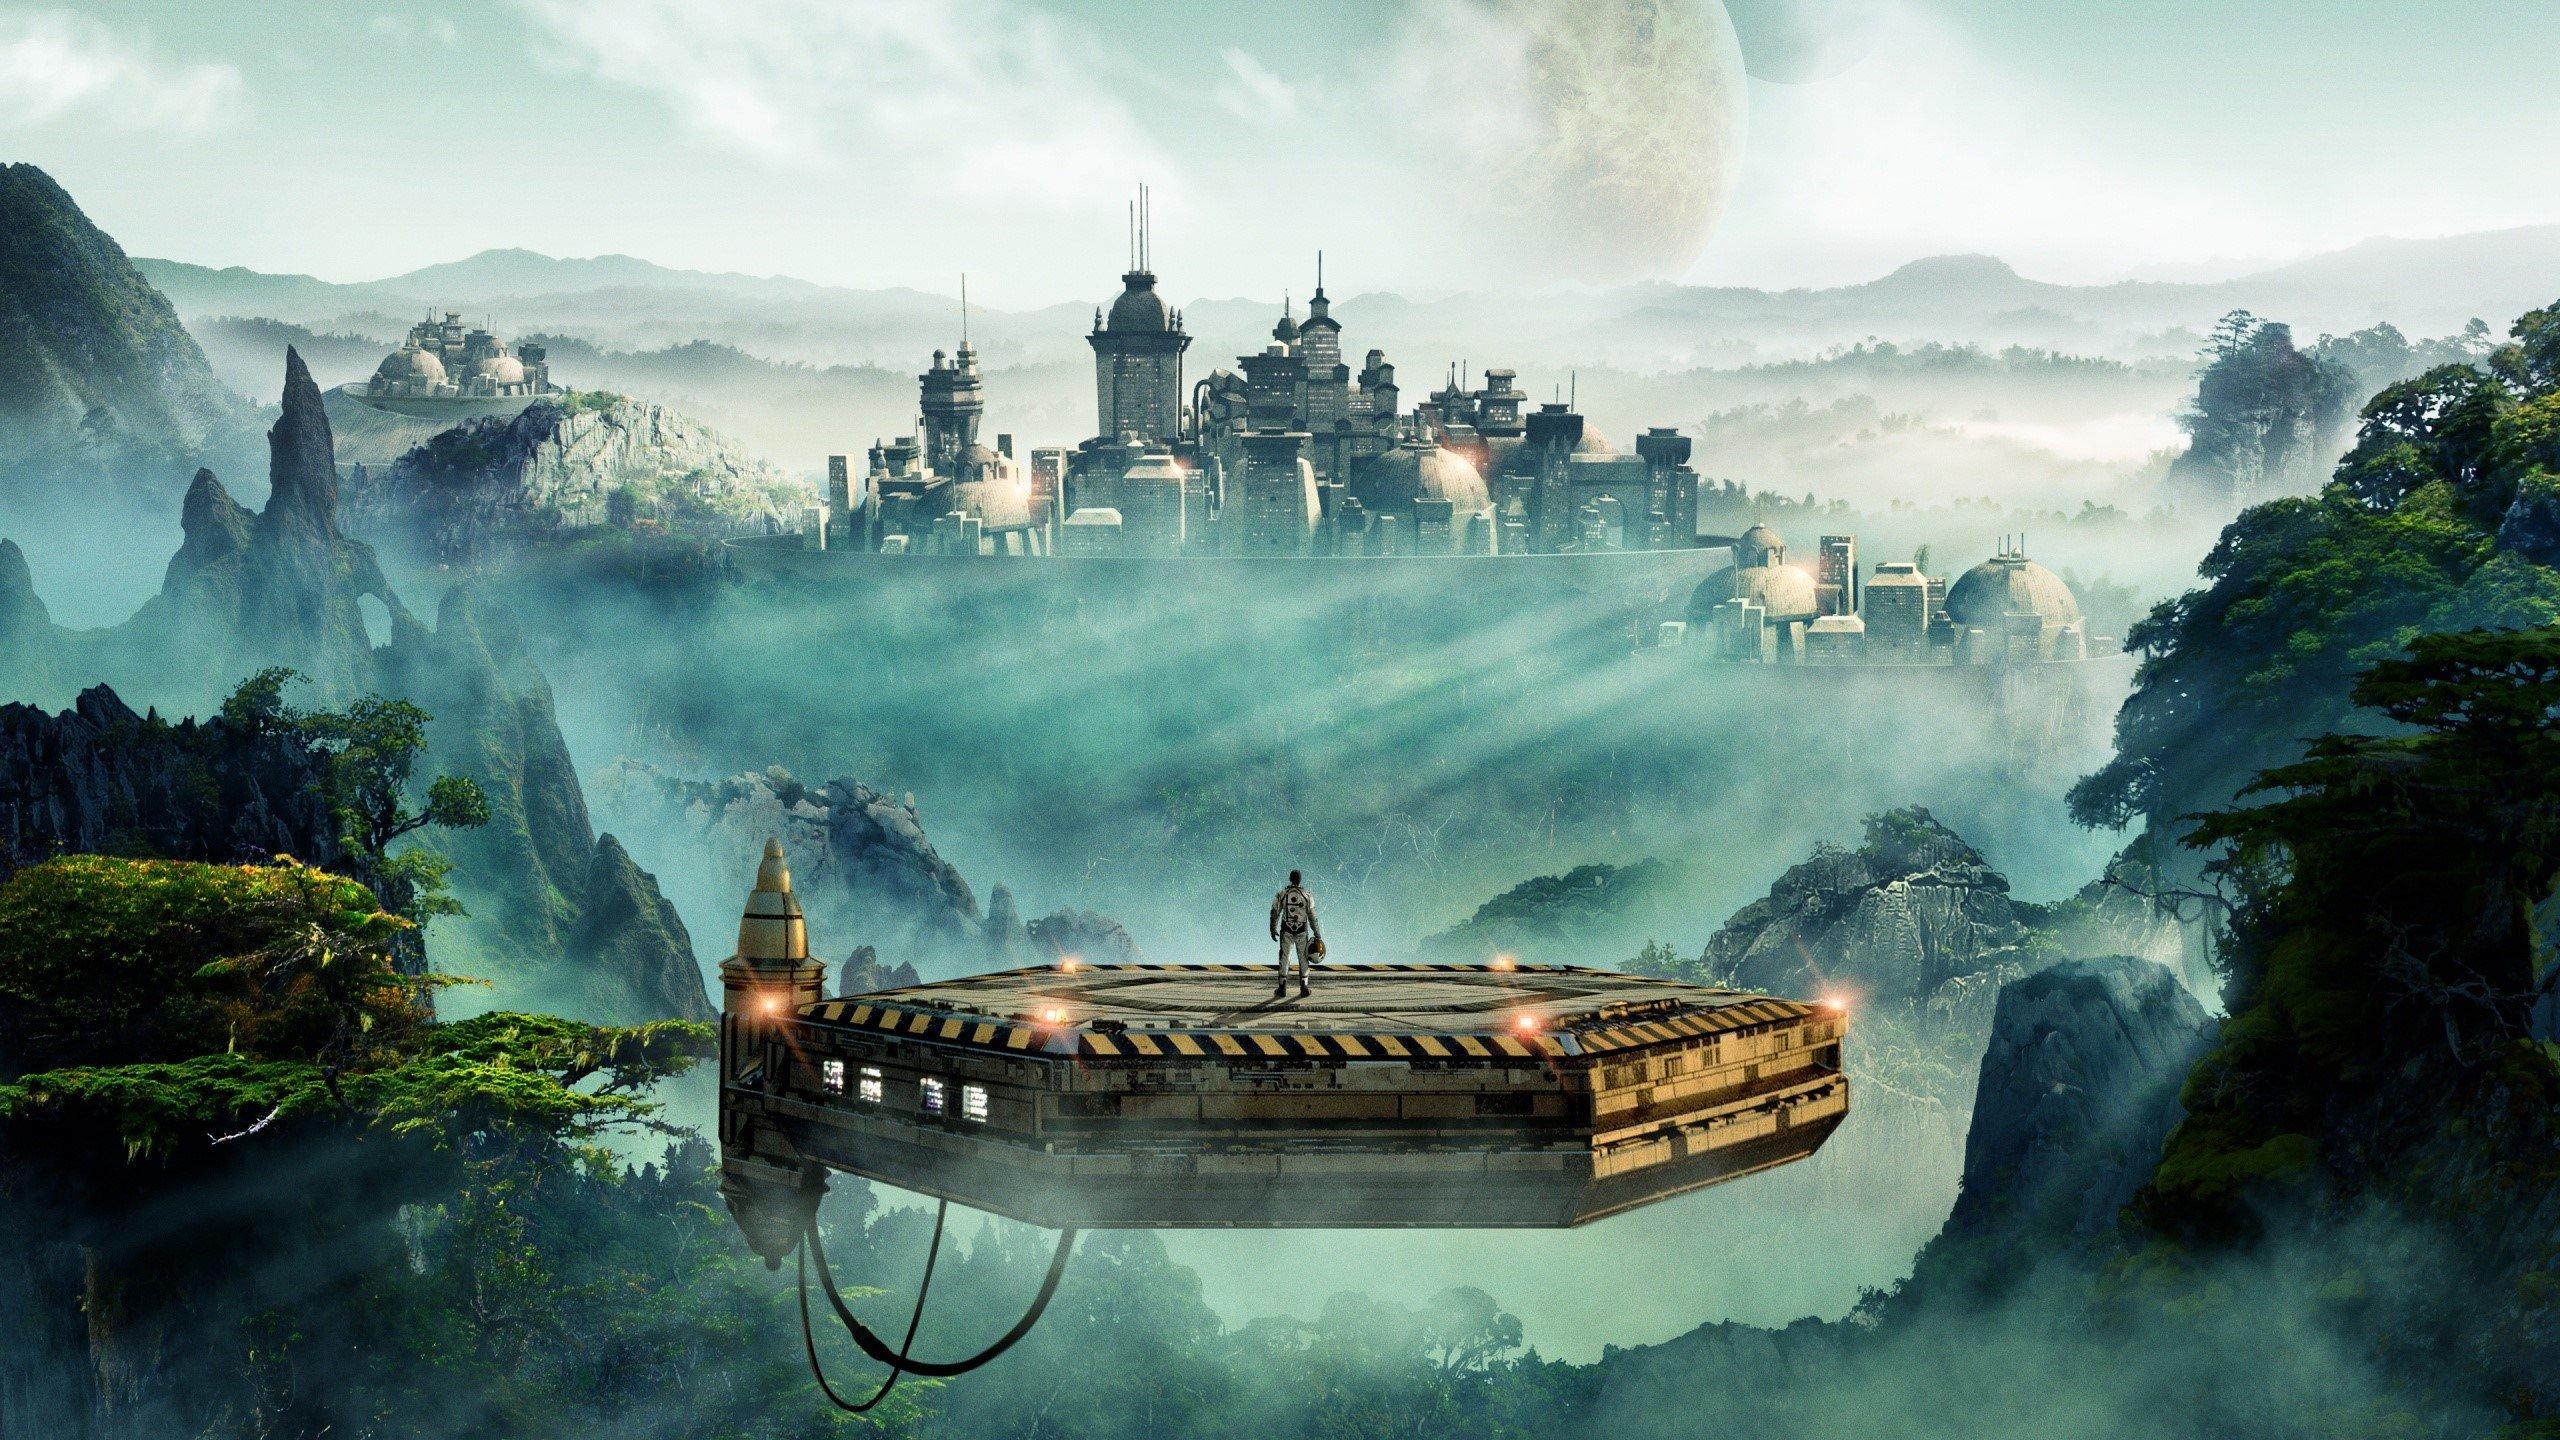 Fondo de pantalla de Juego Civilization Beyond Earth Imágenes